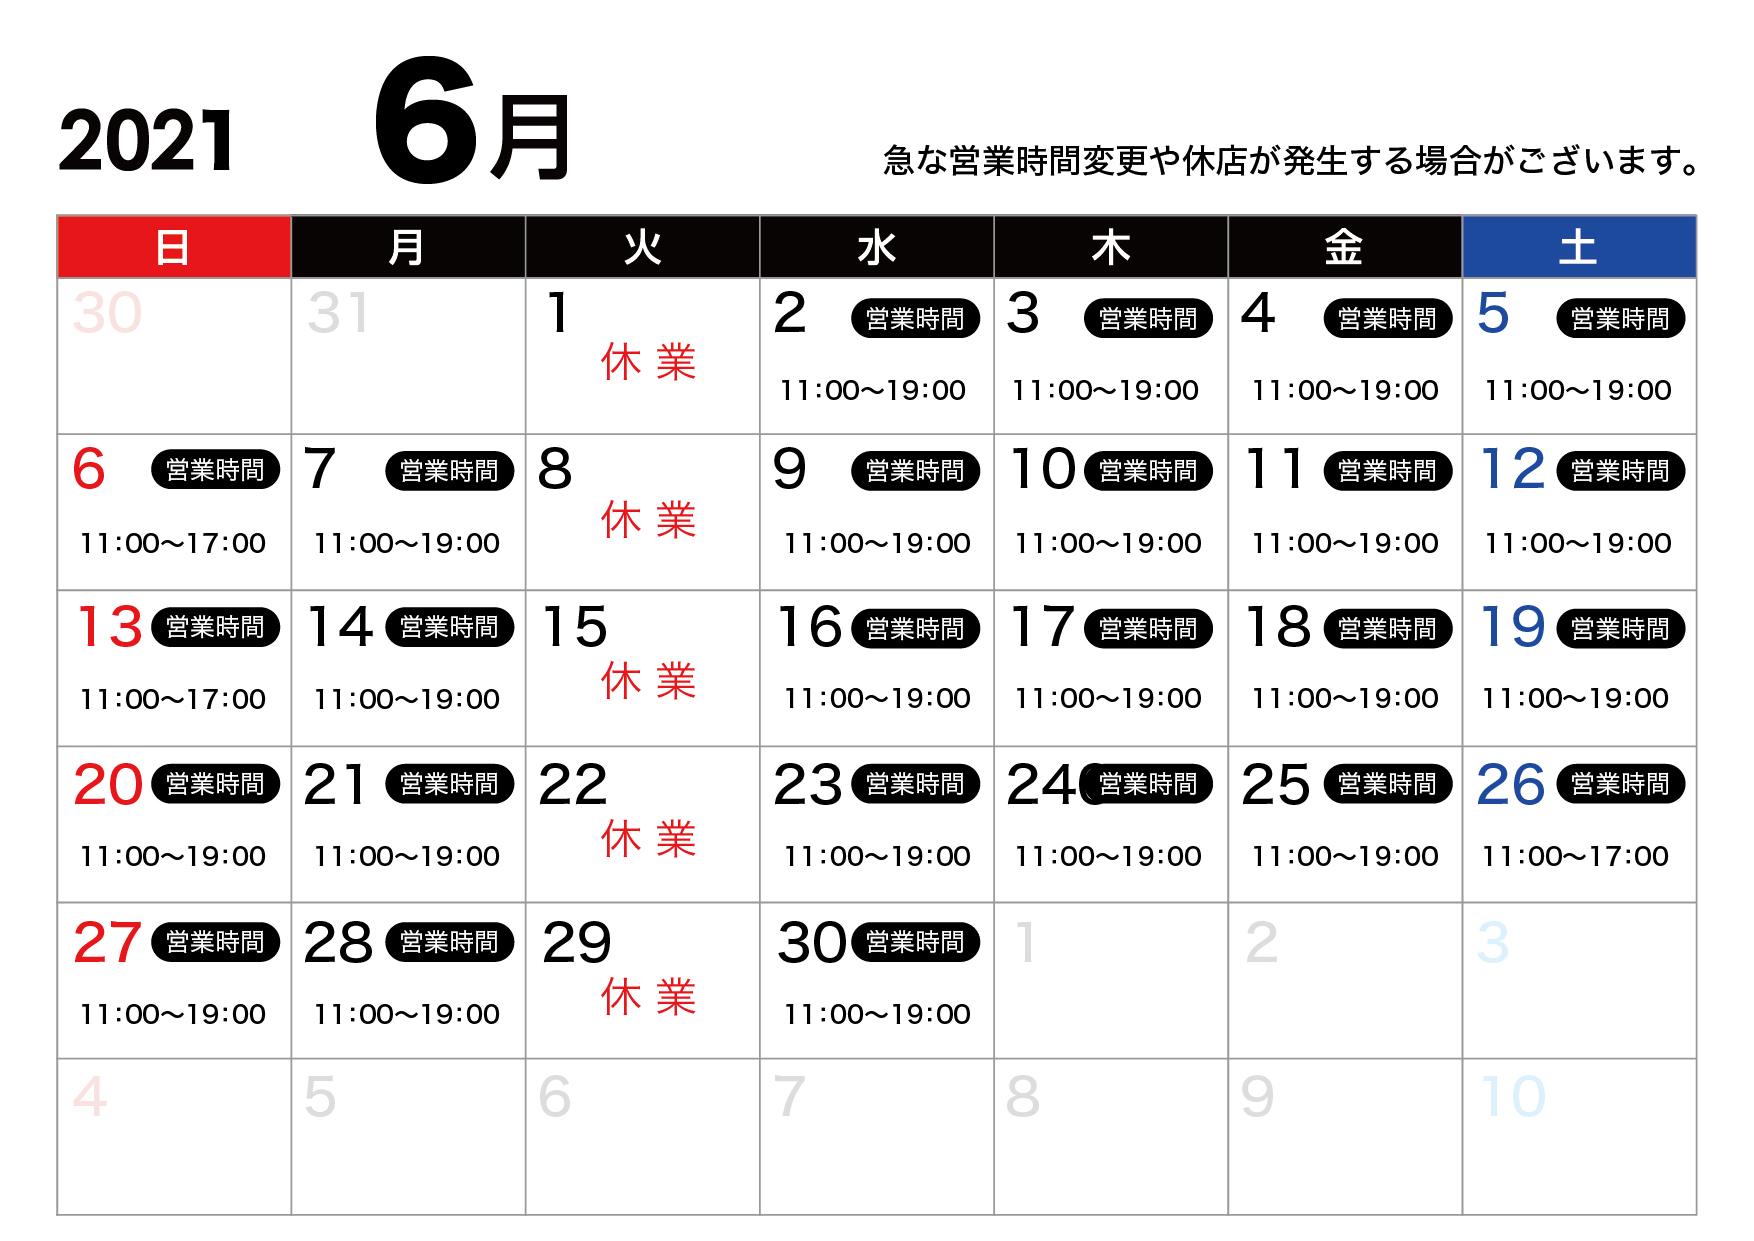 ペーパーグラス福井 6月営業時間